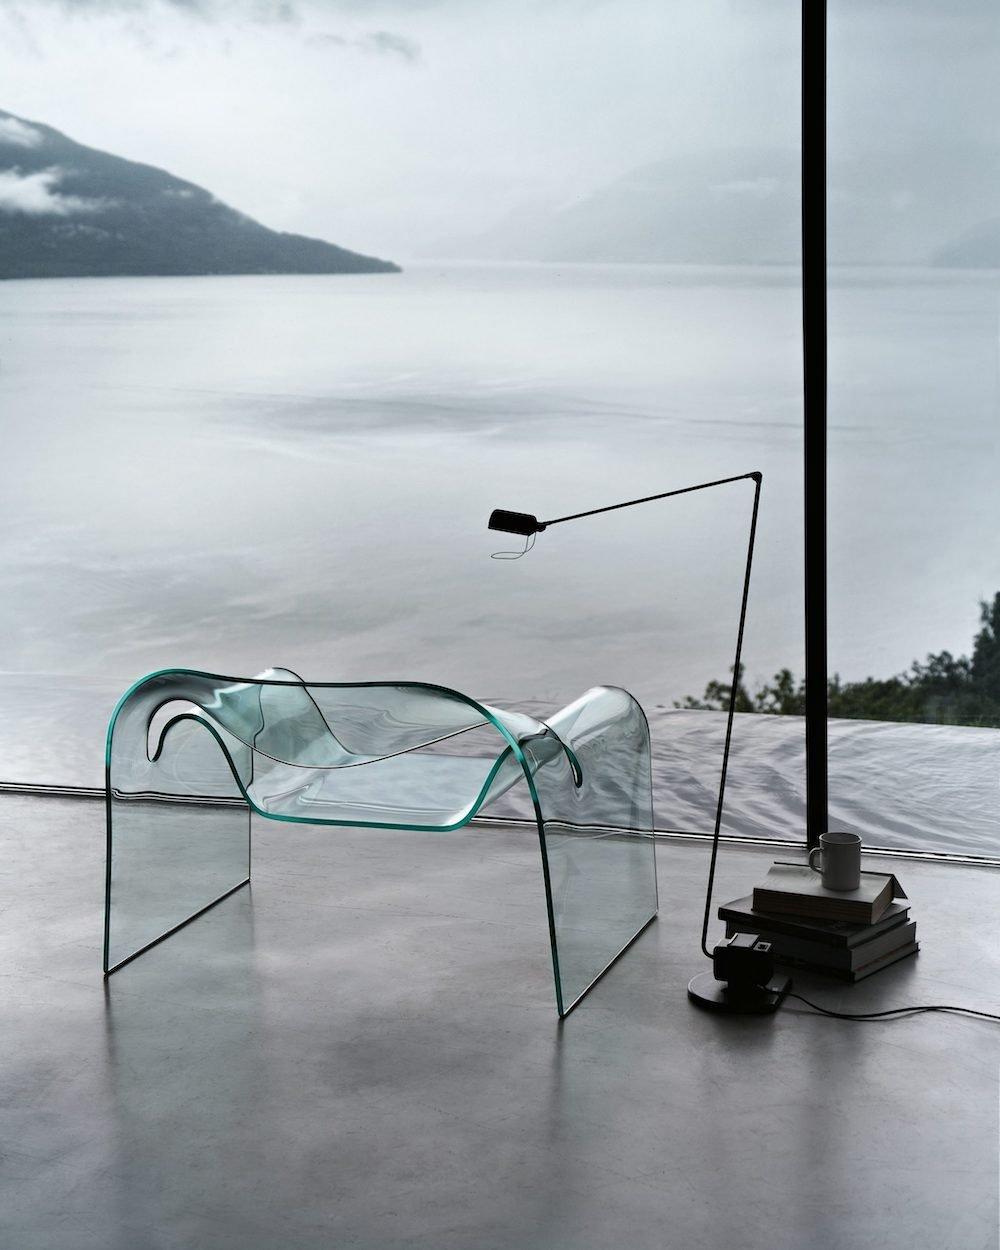 GHOST chair by Cini Boeri for FIAM Italia - Courtesy of Cini Boeri Architetti.